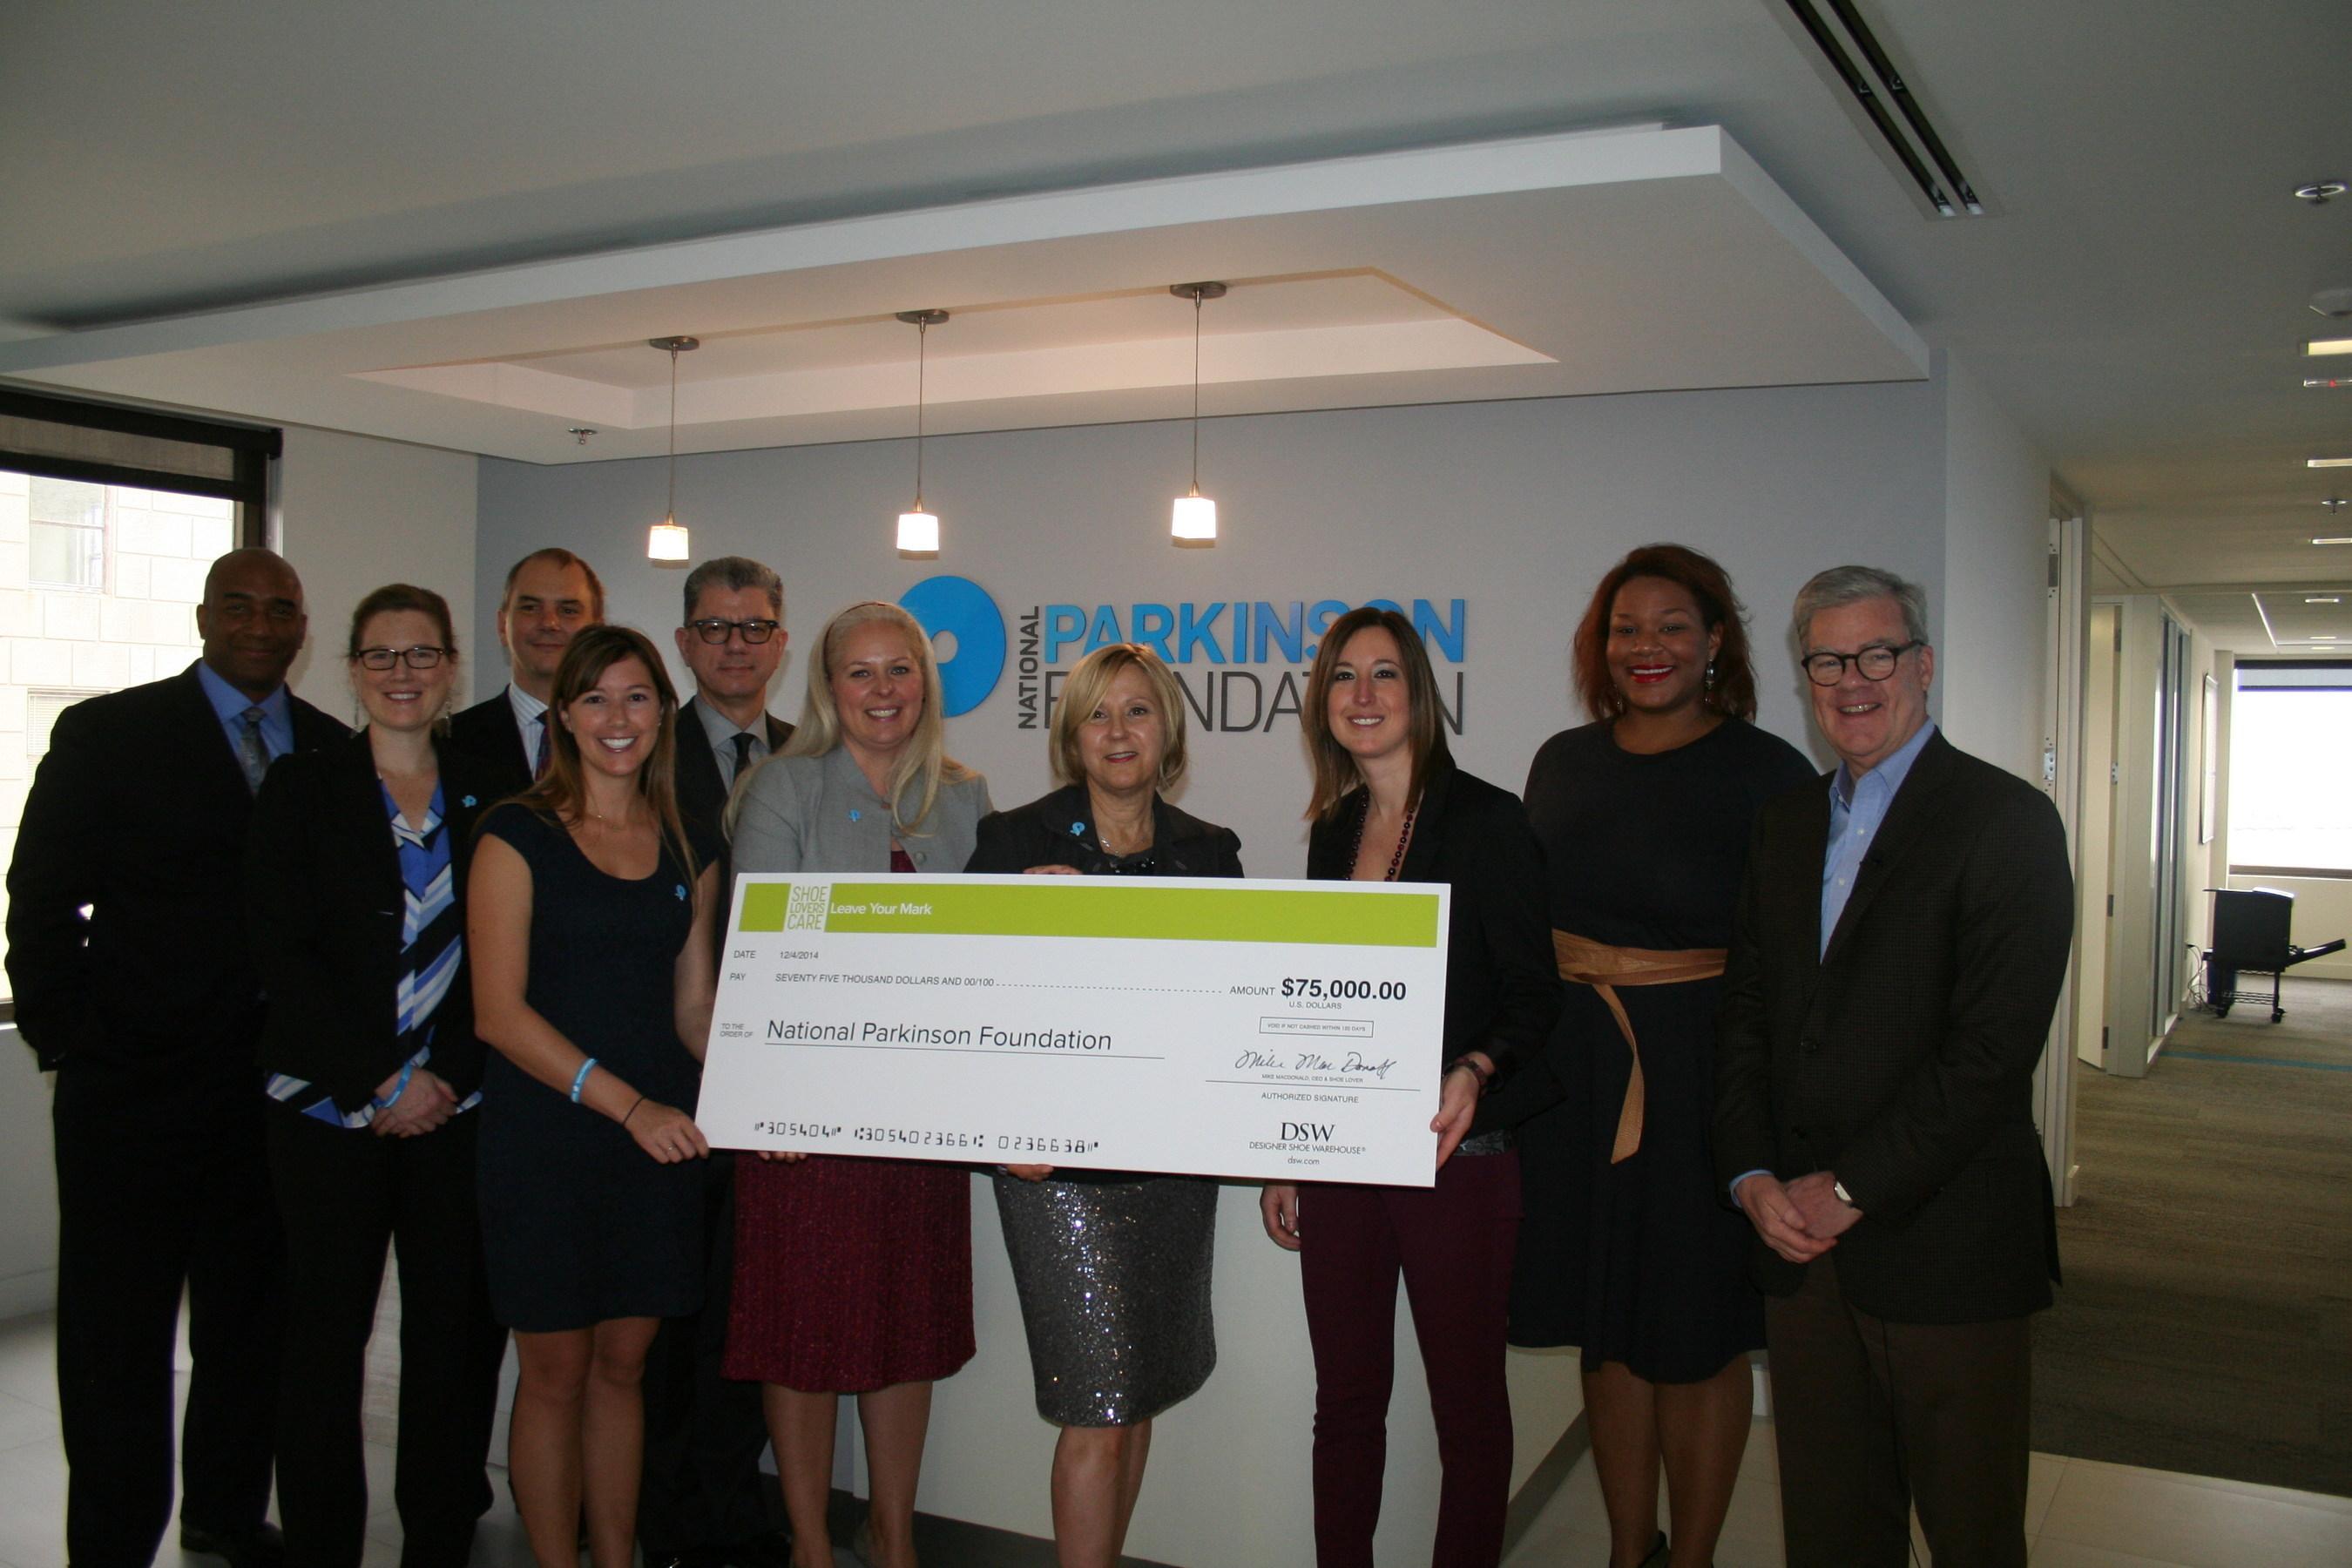 Dsw Designer Shoe Warehouse Announces 75 000 Donation To National Parkinson Foundation